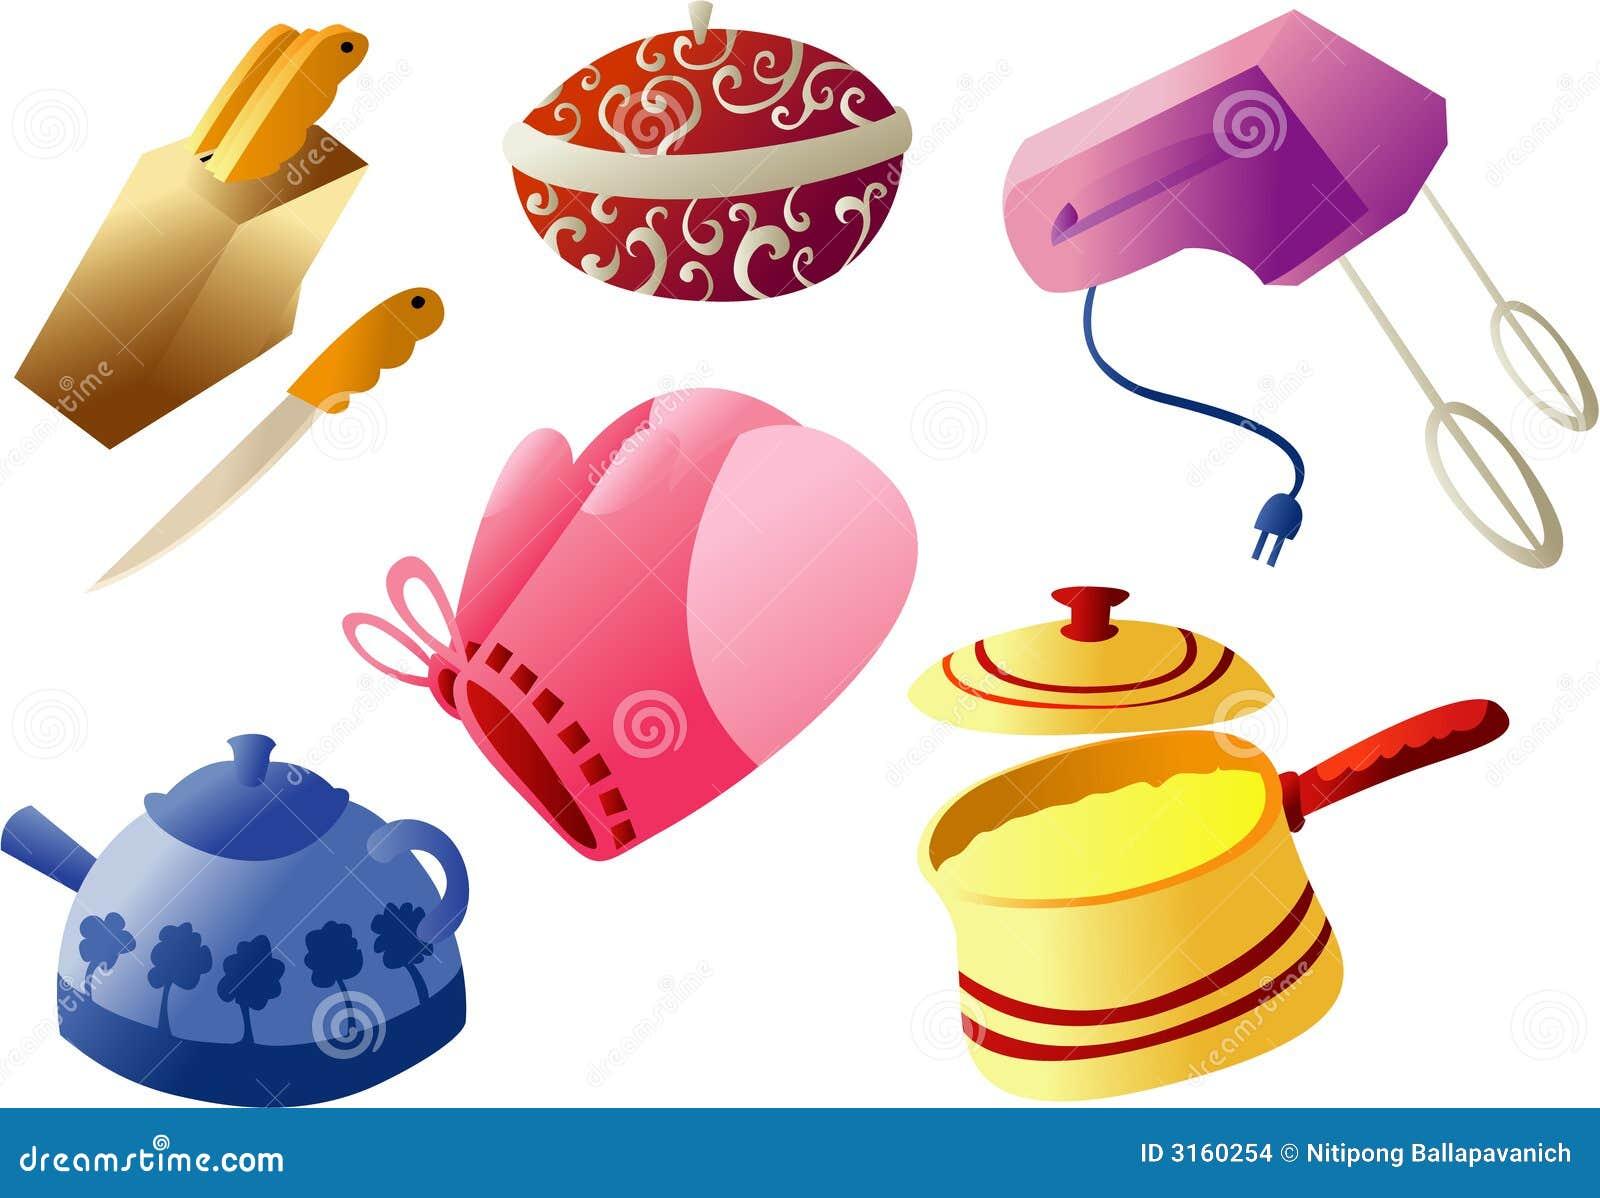 Utensilios de cocina cliparts imagenes de archivo imagen for Imagenes de utensilios de cocina